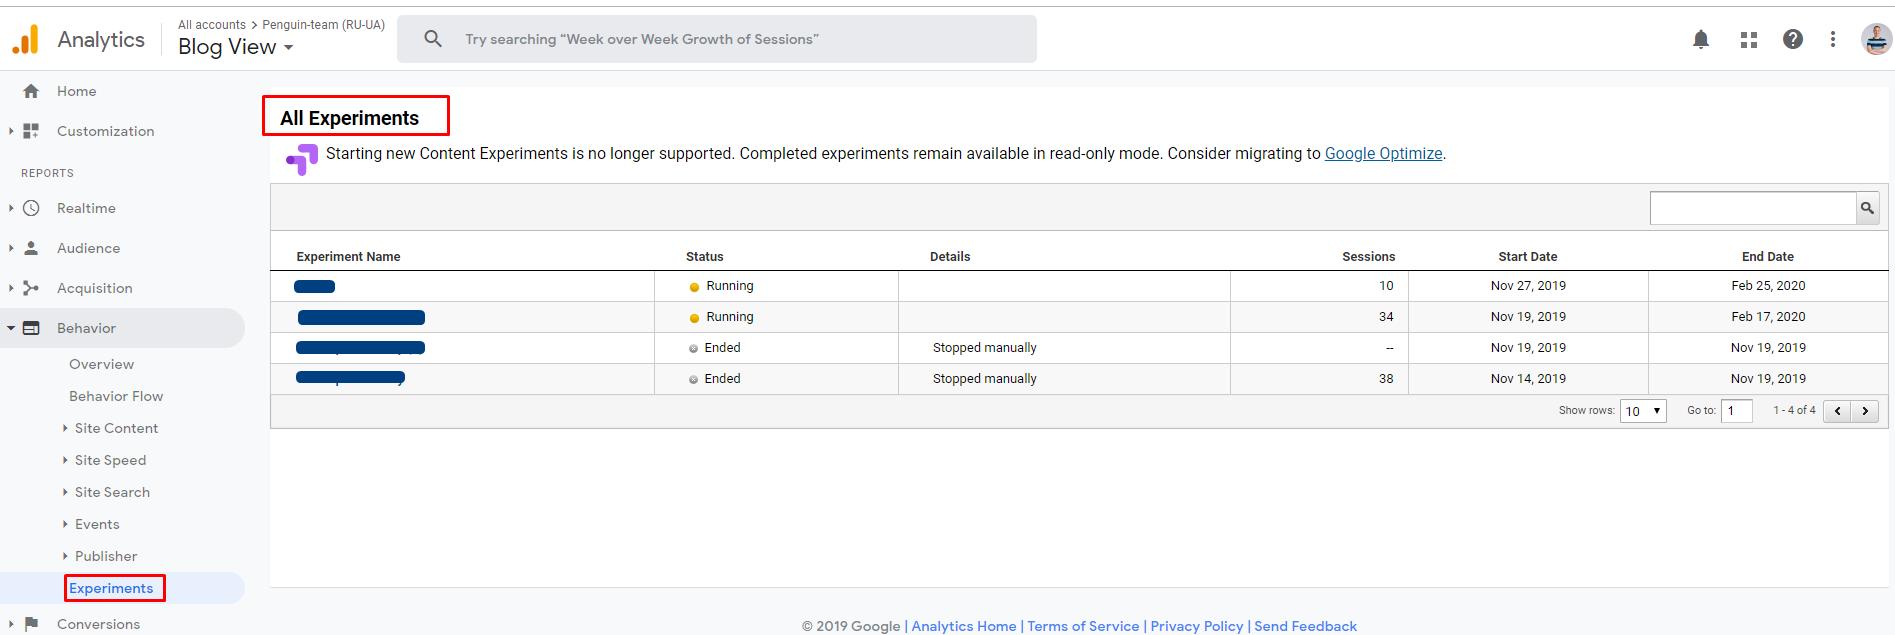 Общий отчет по эксперименту в Google Analytics